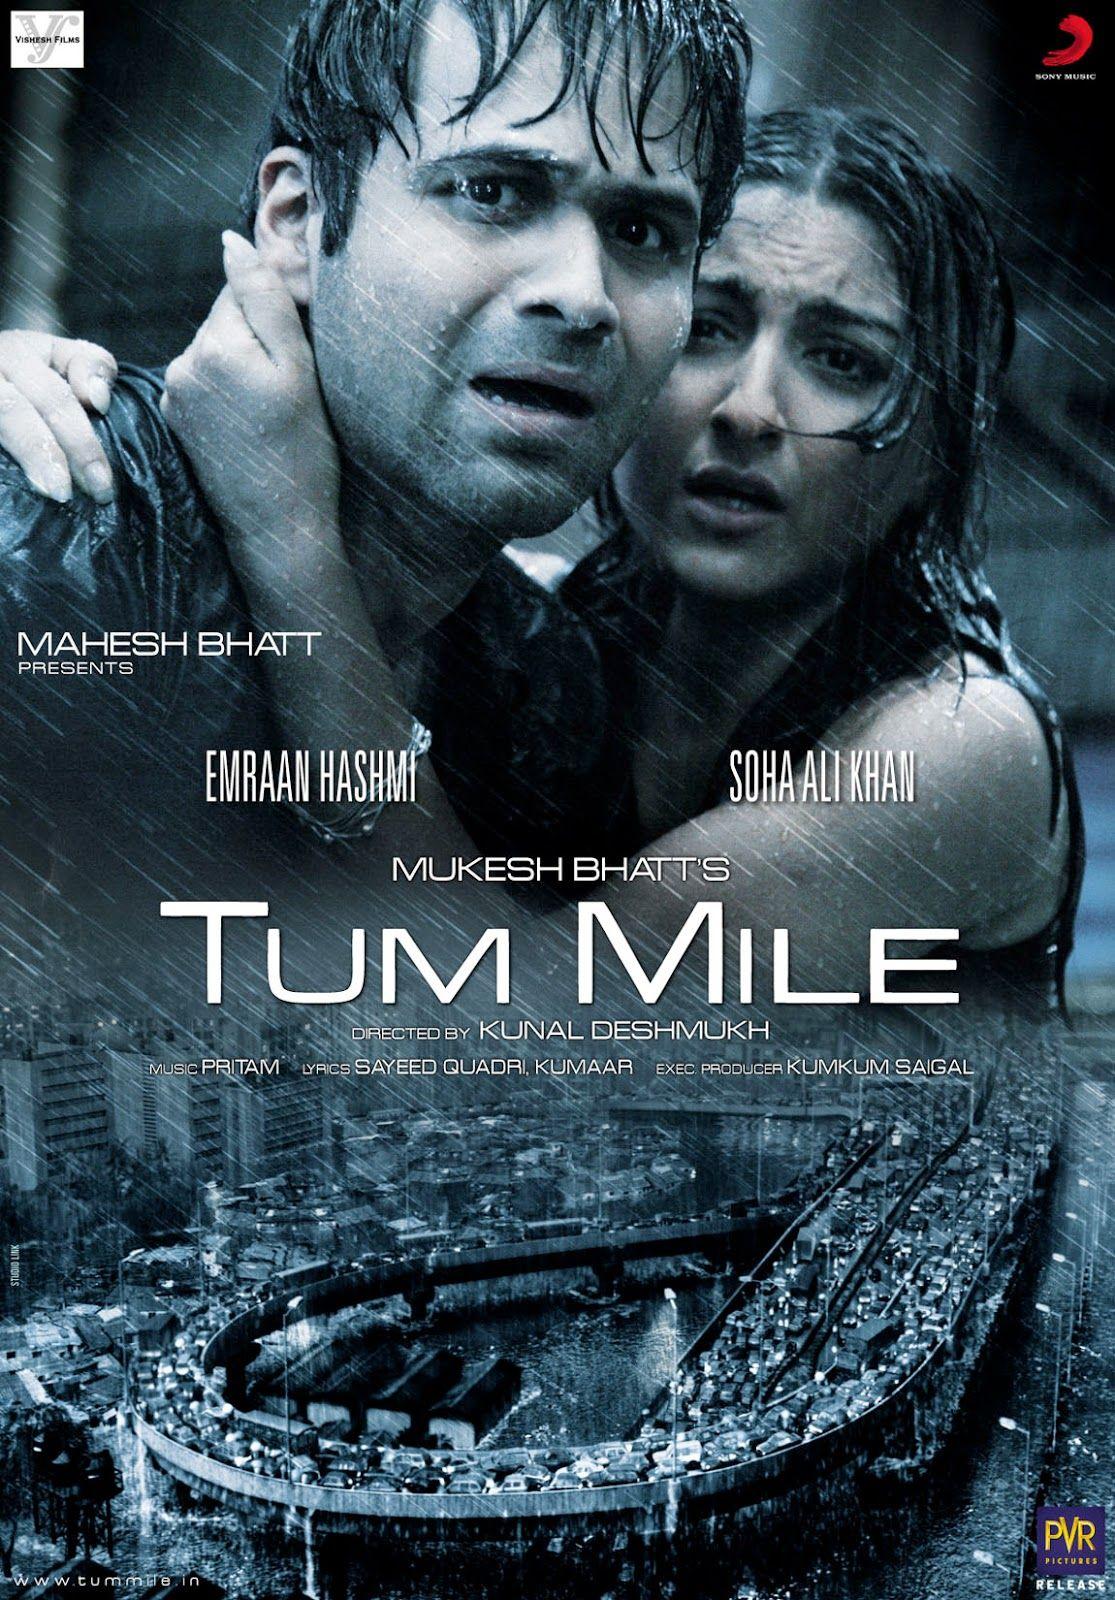 Tum Mile Tu Hi Haqeeqat Khaab Tu Song Lyrics Mp3 Audio Download Miles Movie Indian Movie Songs Full Movies Free